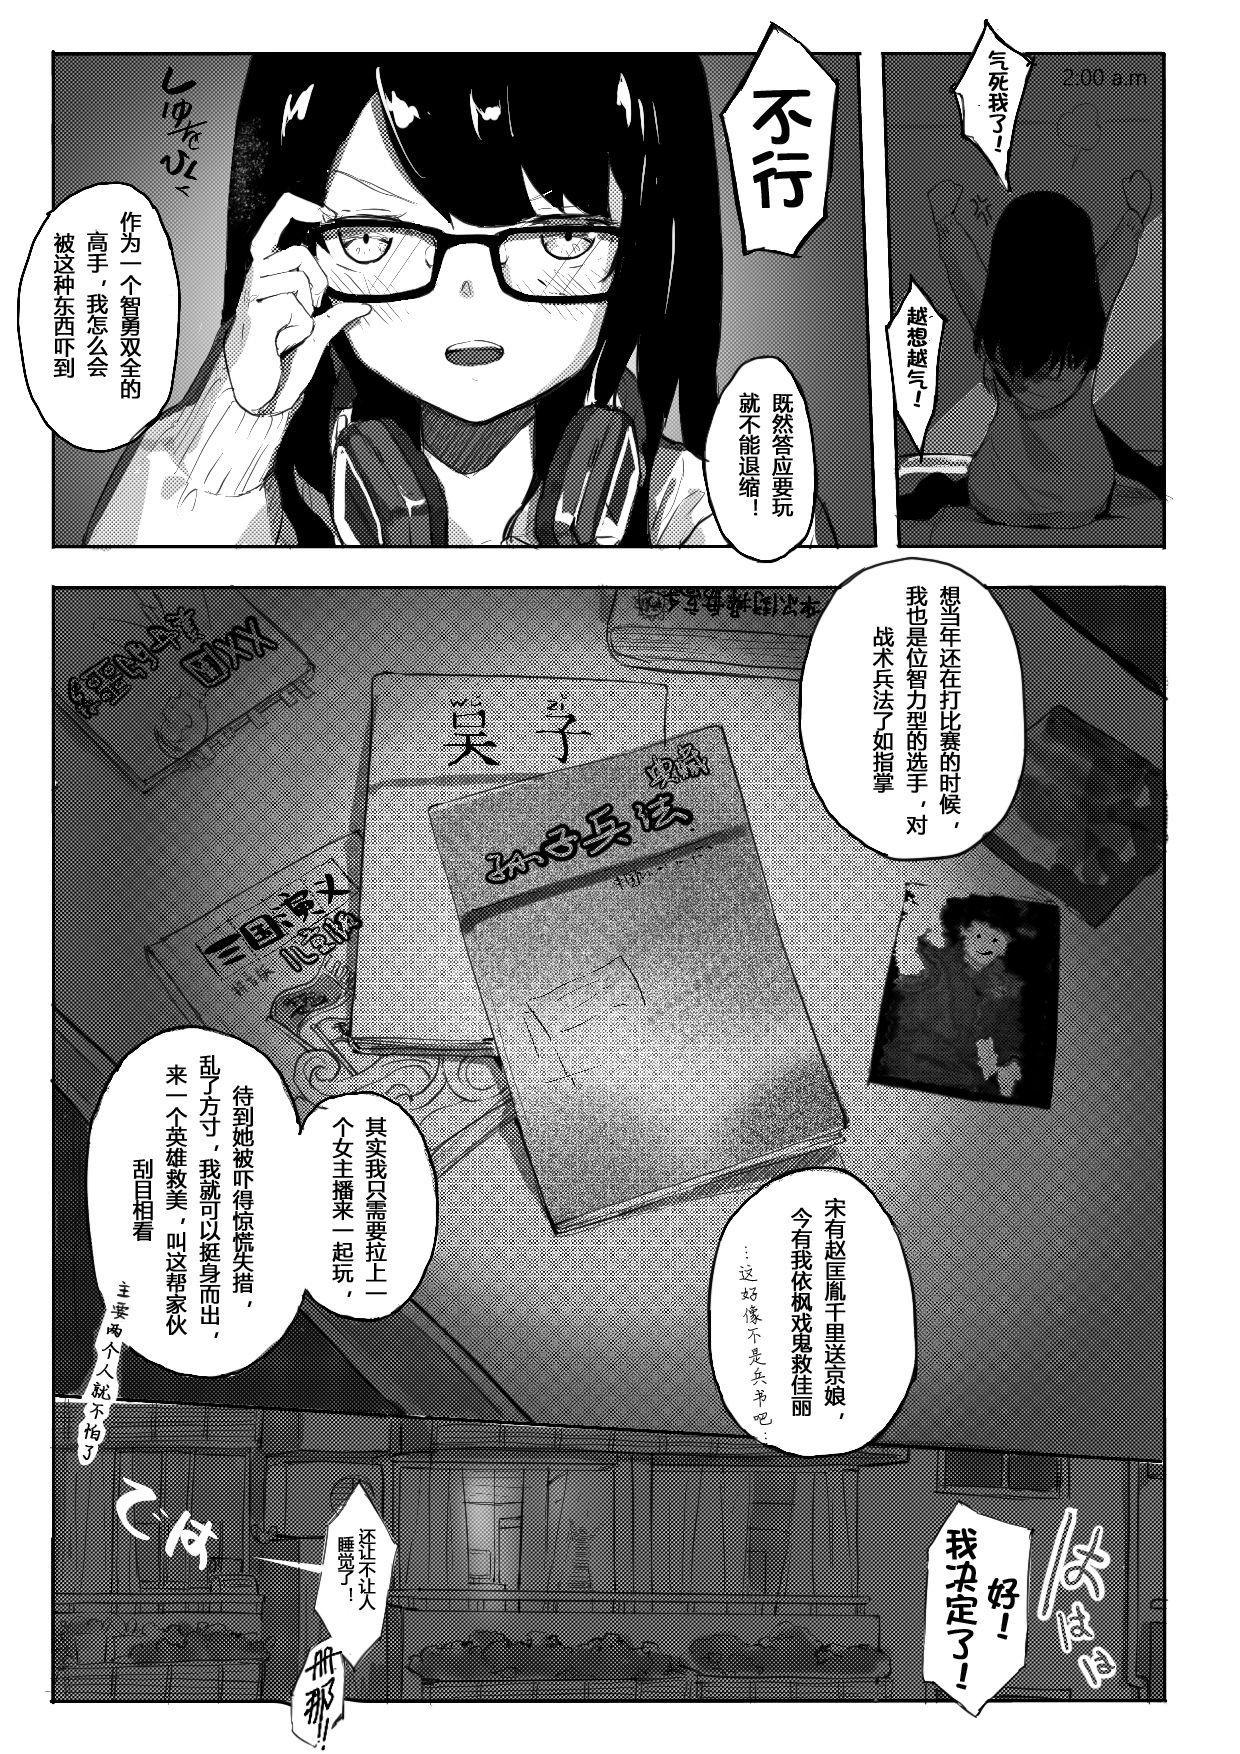 强制喵化2 恐怖游戏^放送事故 5